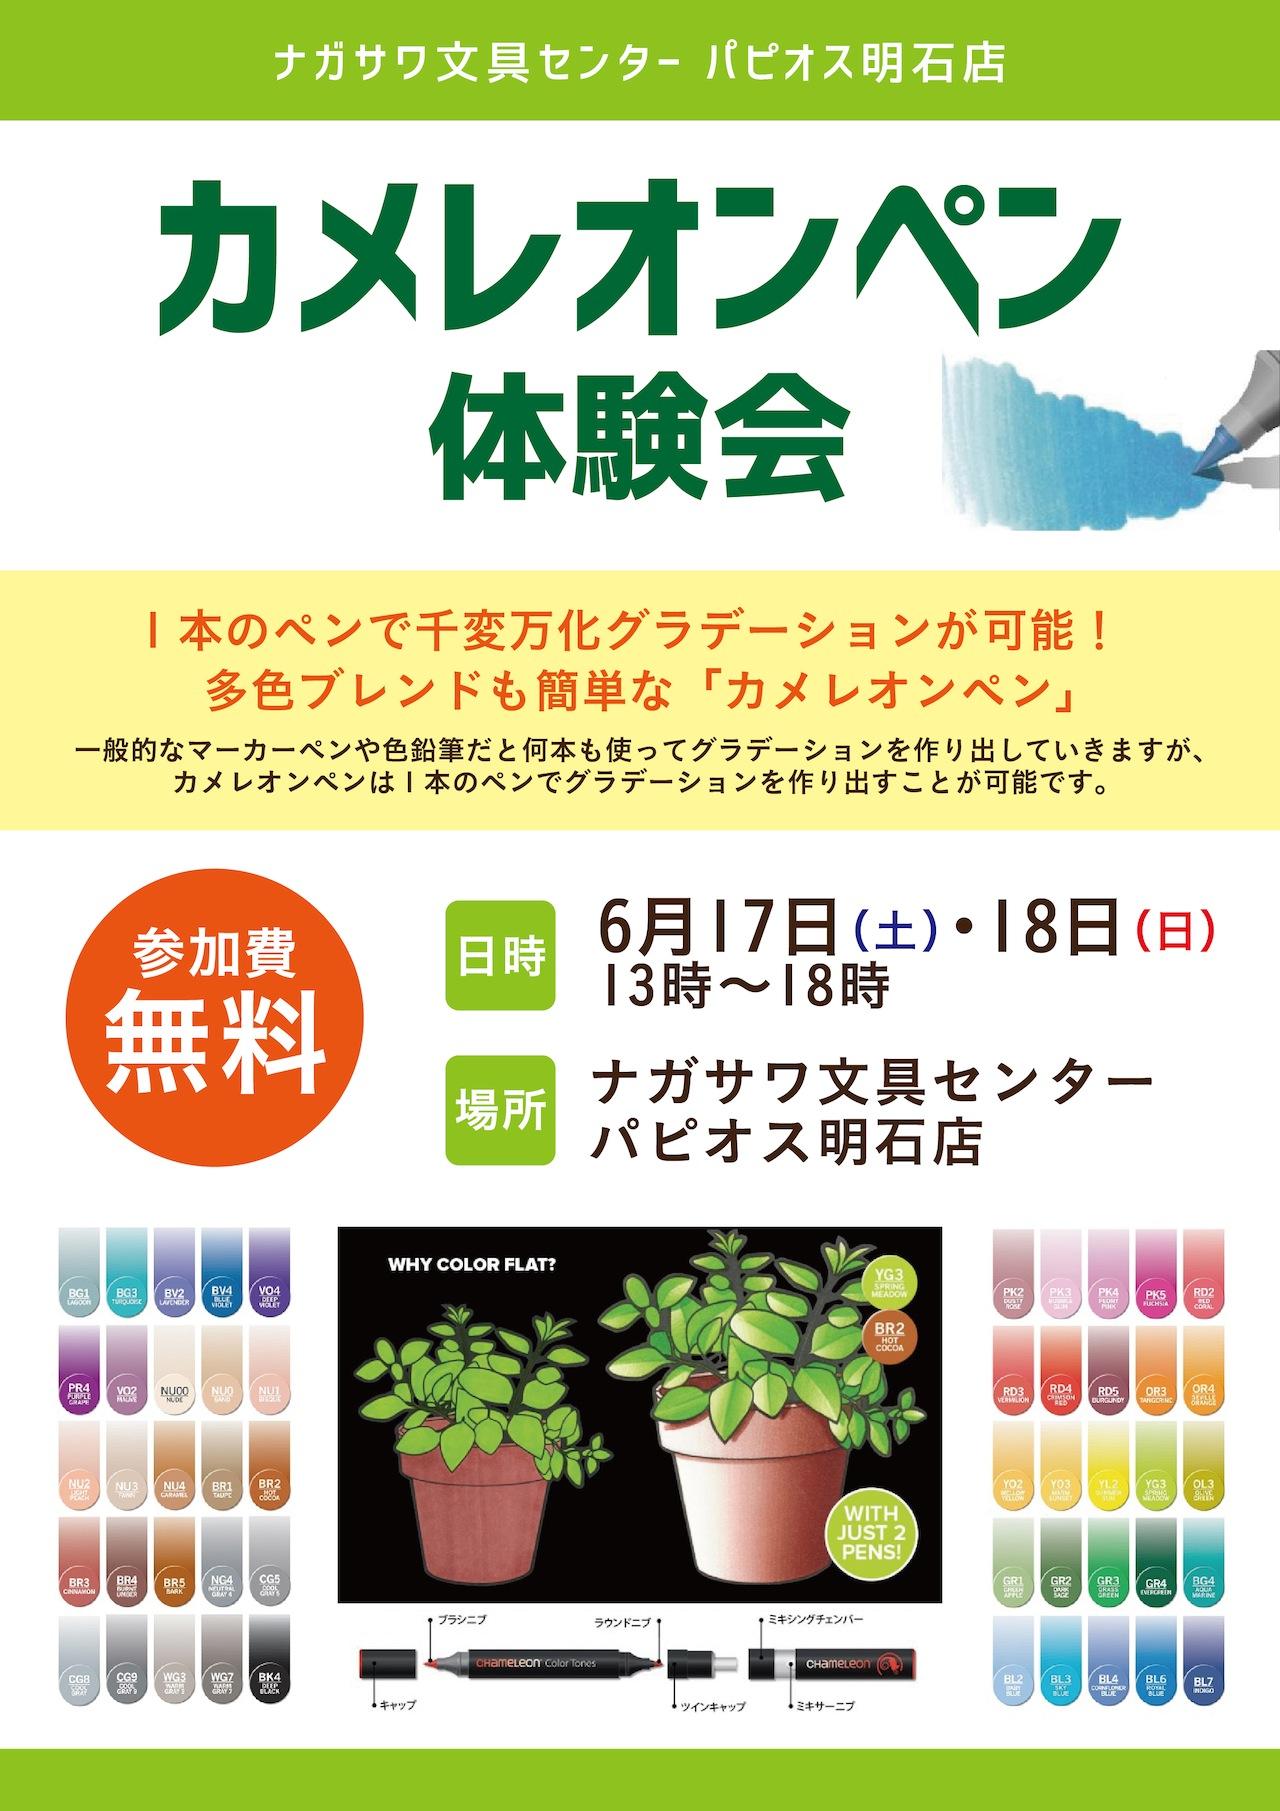 カメレオンペン体験会 @ナガサワ文具センターパピオス明石店